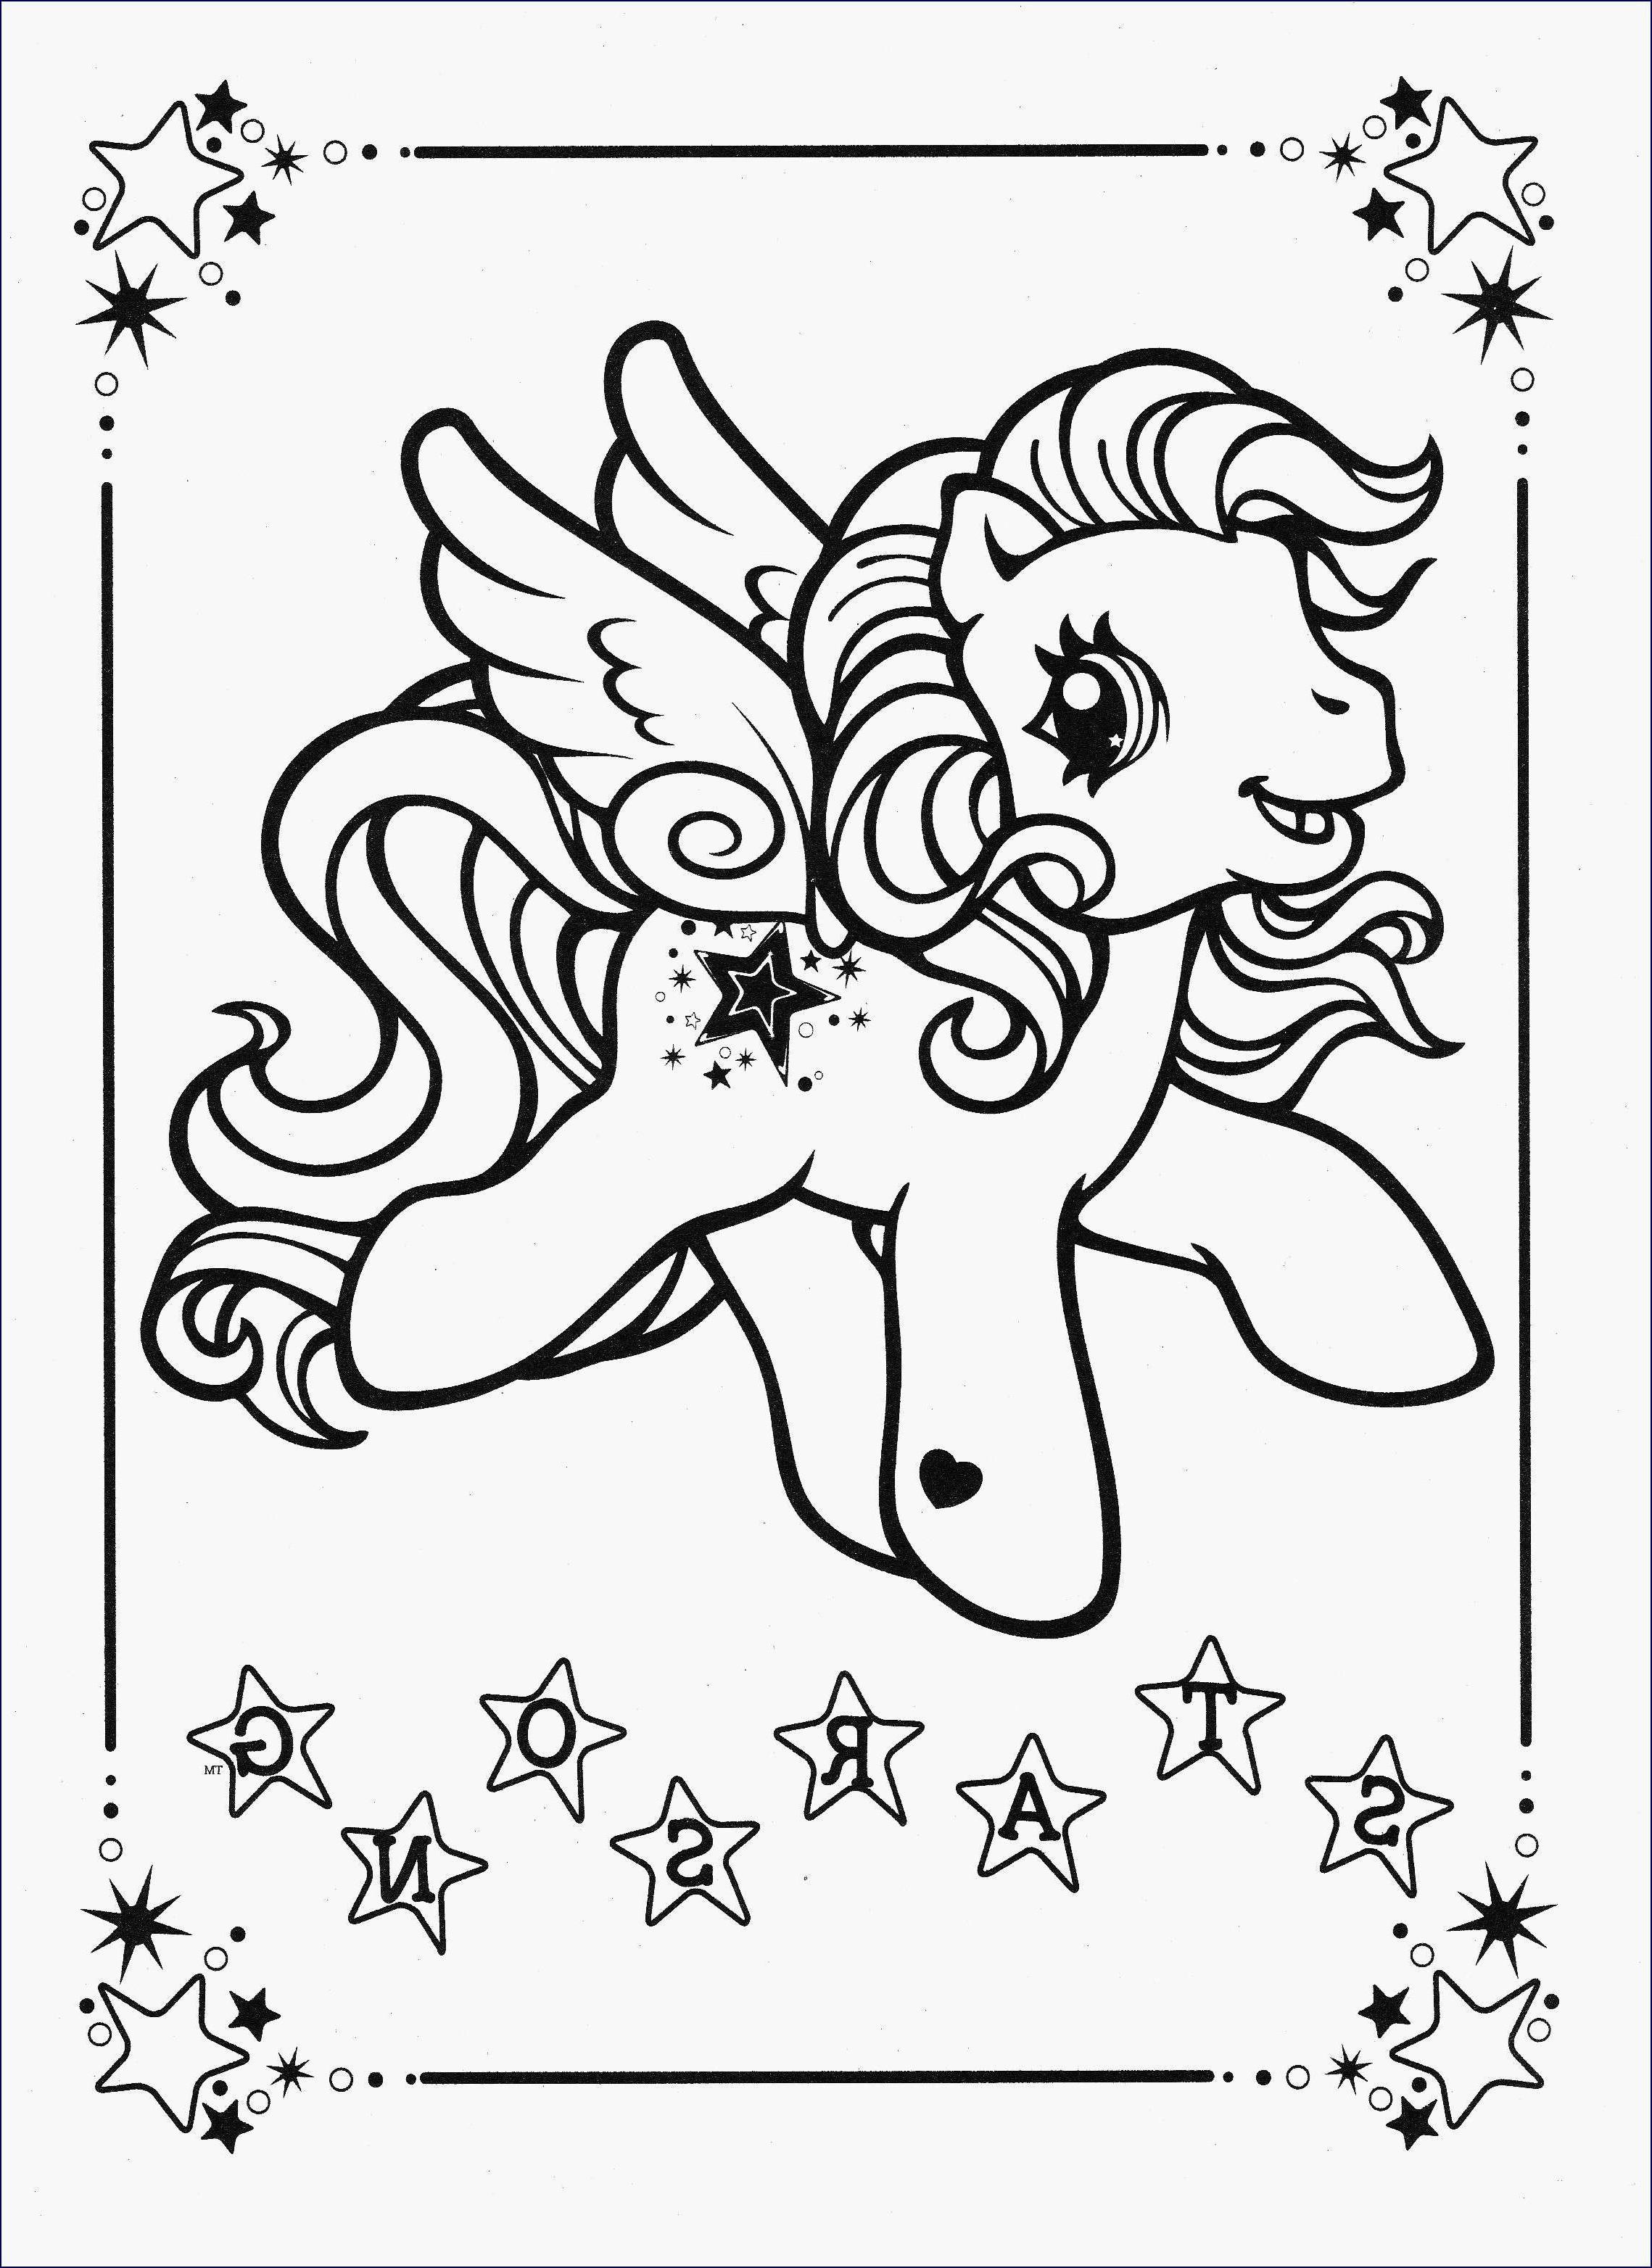 My Little Pony Friendship is Magic Ausmalbilder Genial 32 Fantastisch Ausmalbilder My Little Pony – Malvorlagen Ideen Bilder